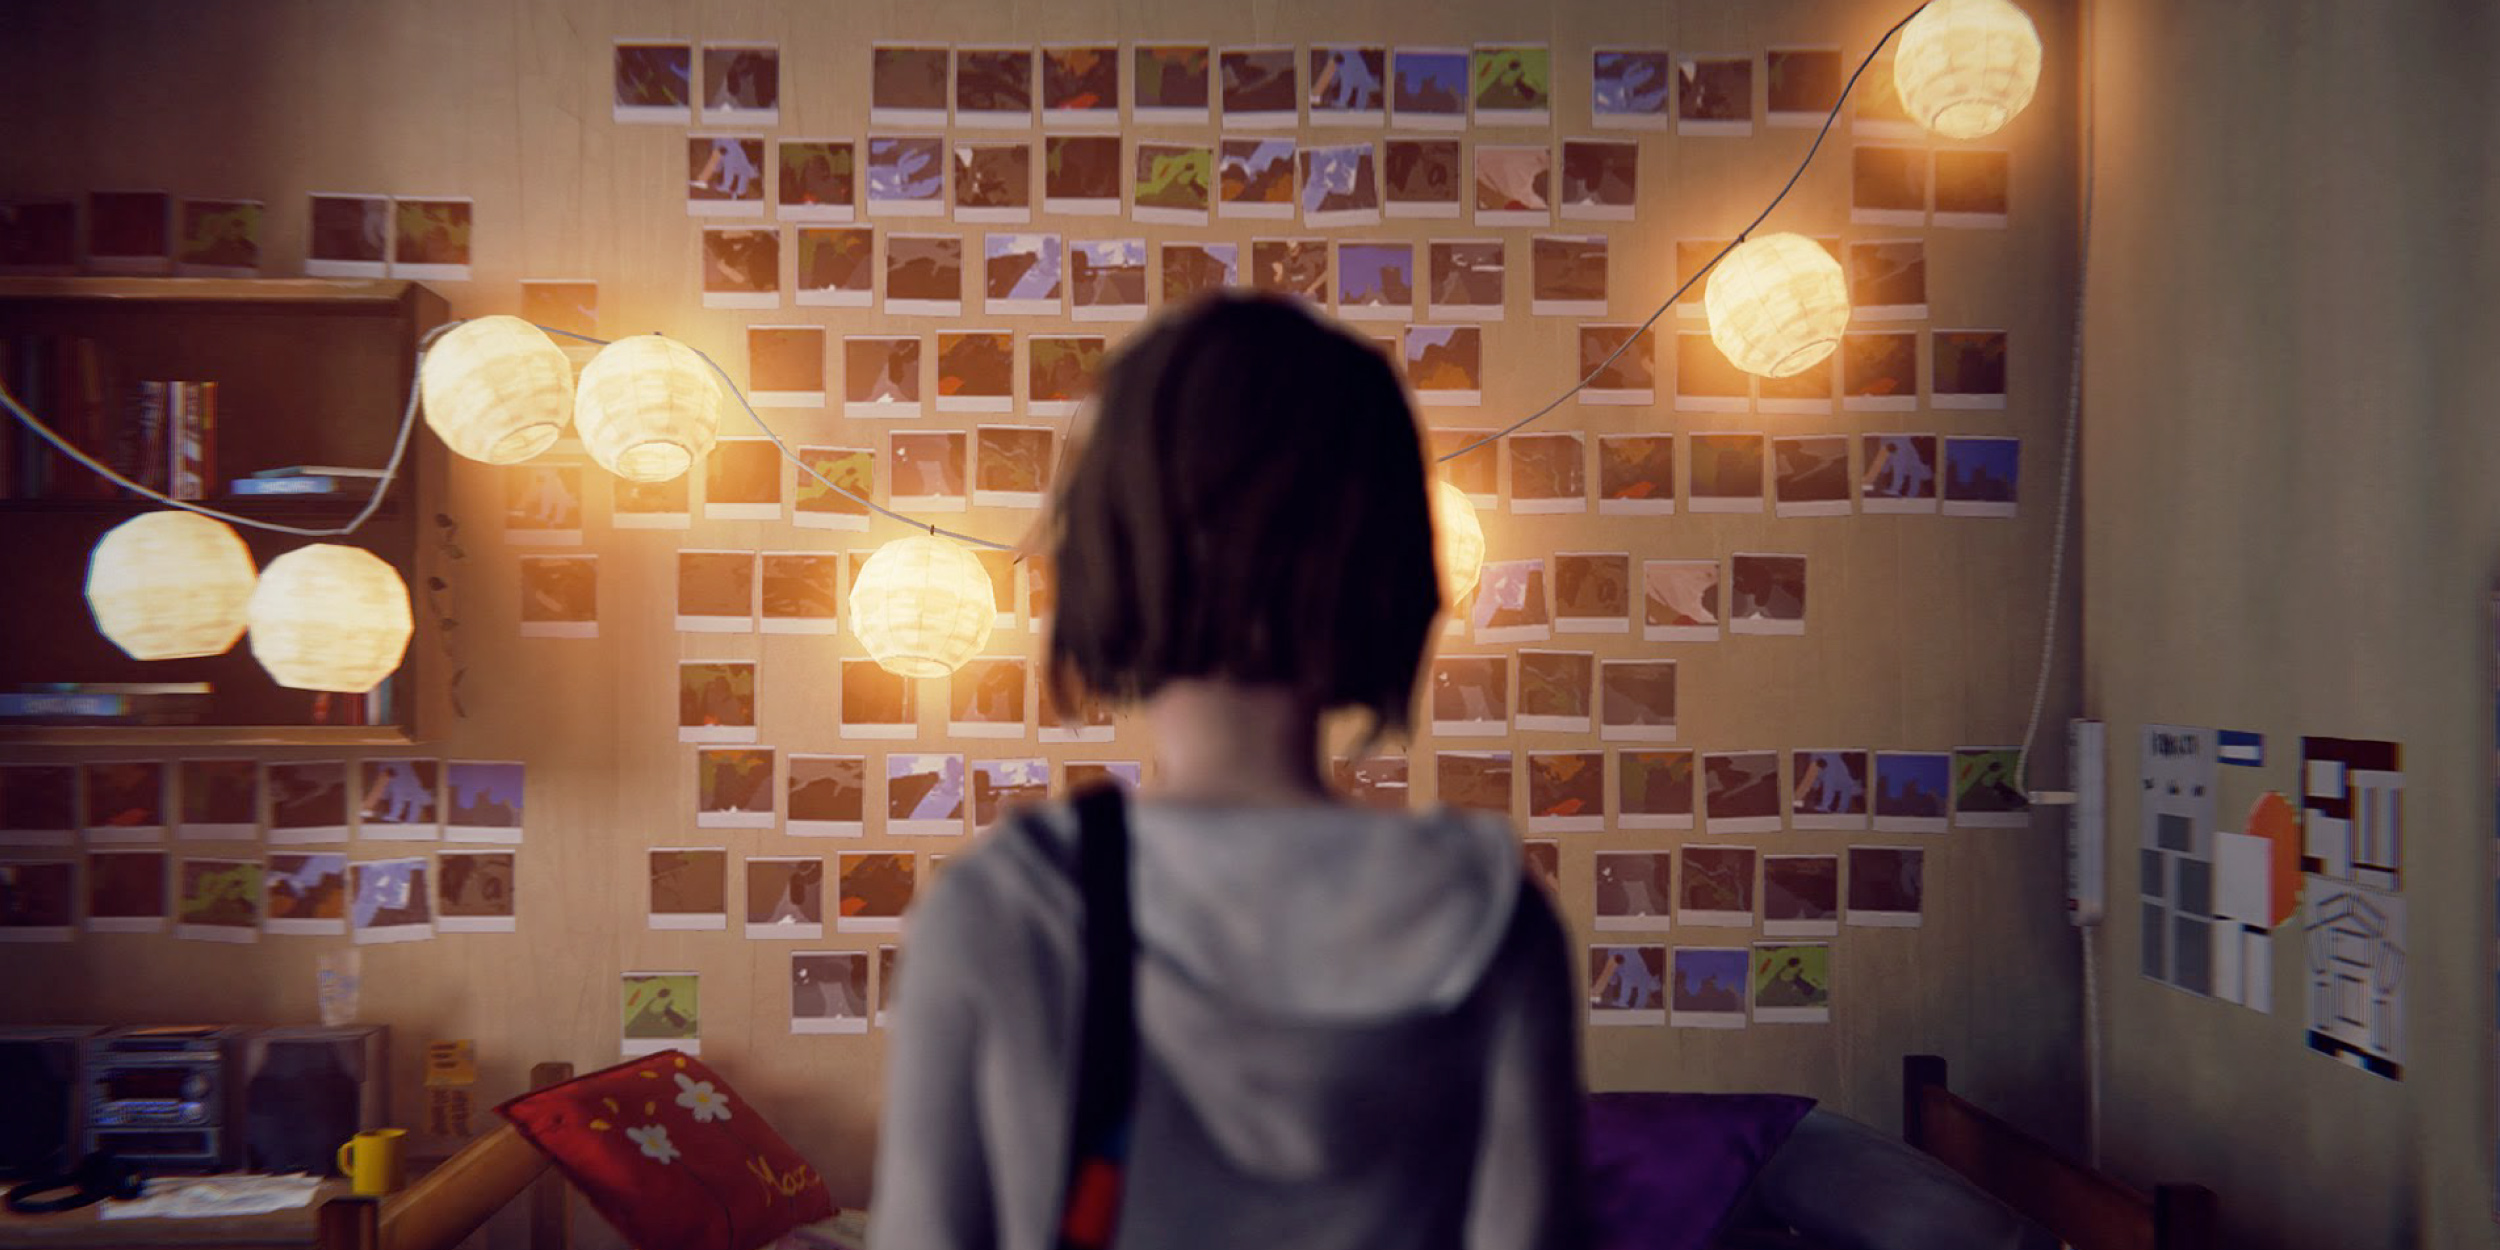 Во что поиграть: 9 находок для любителей видеоигр